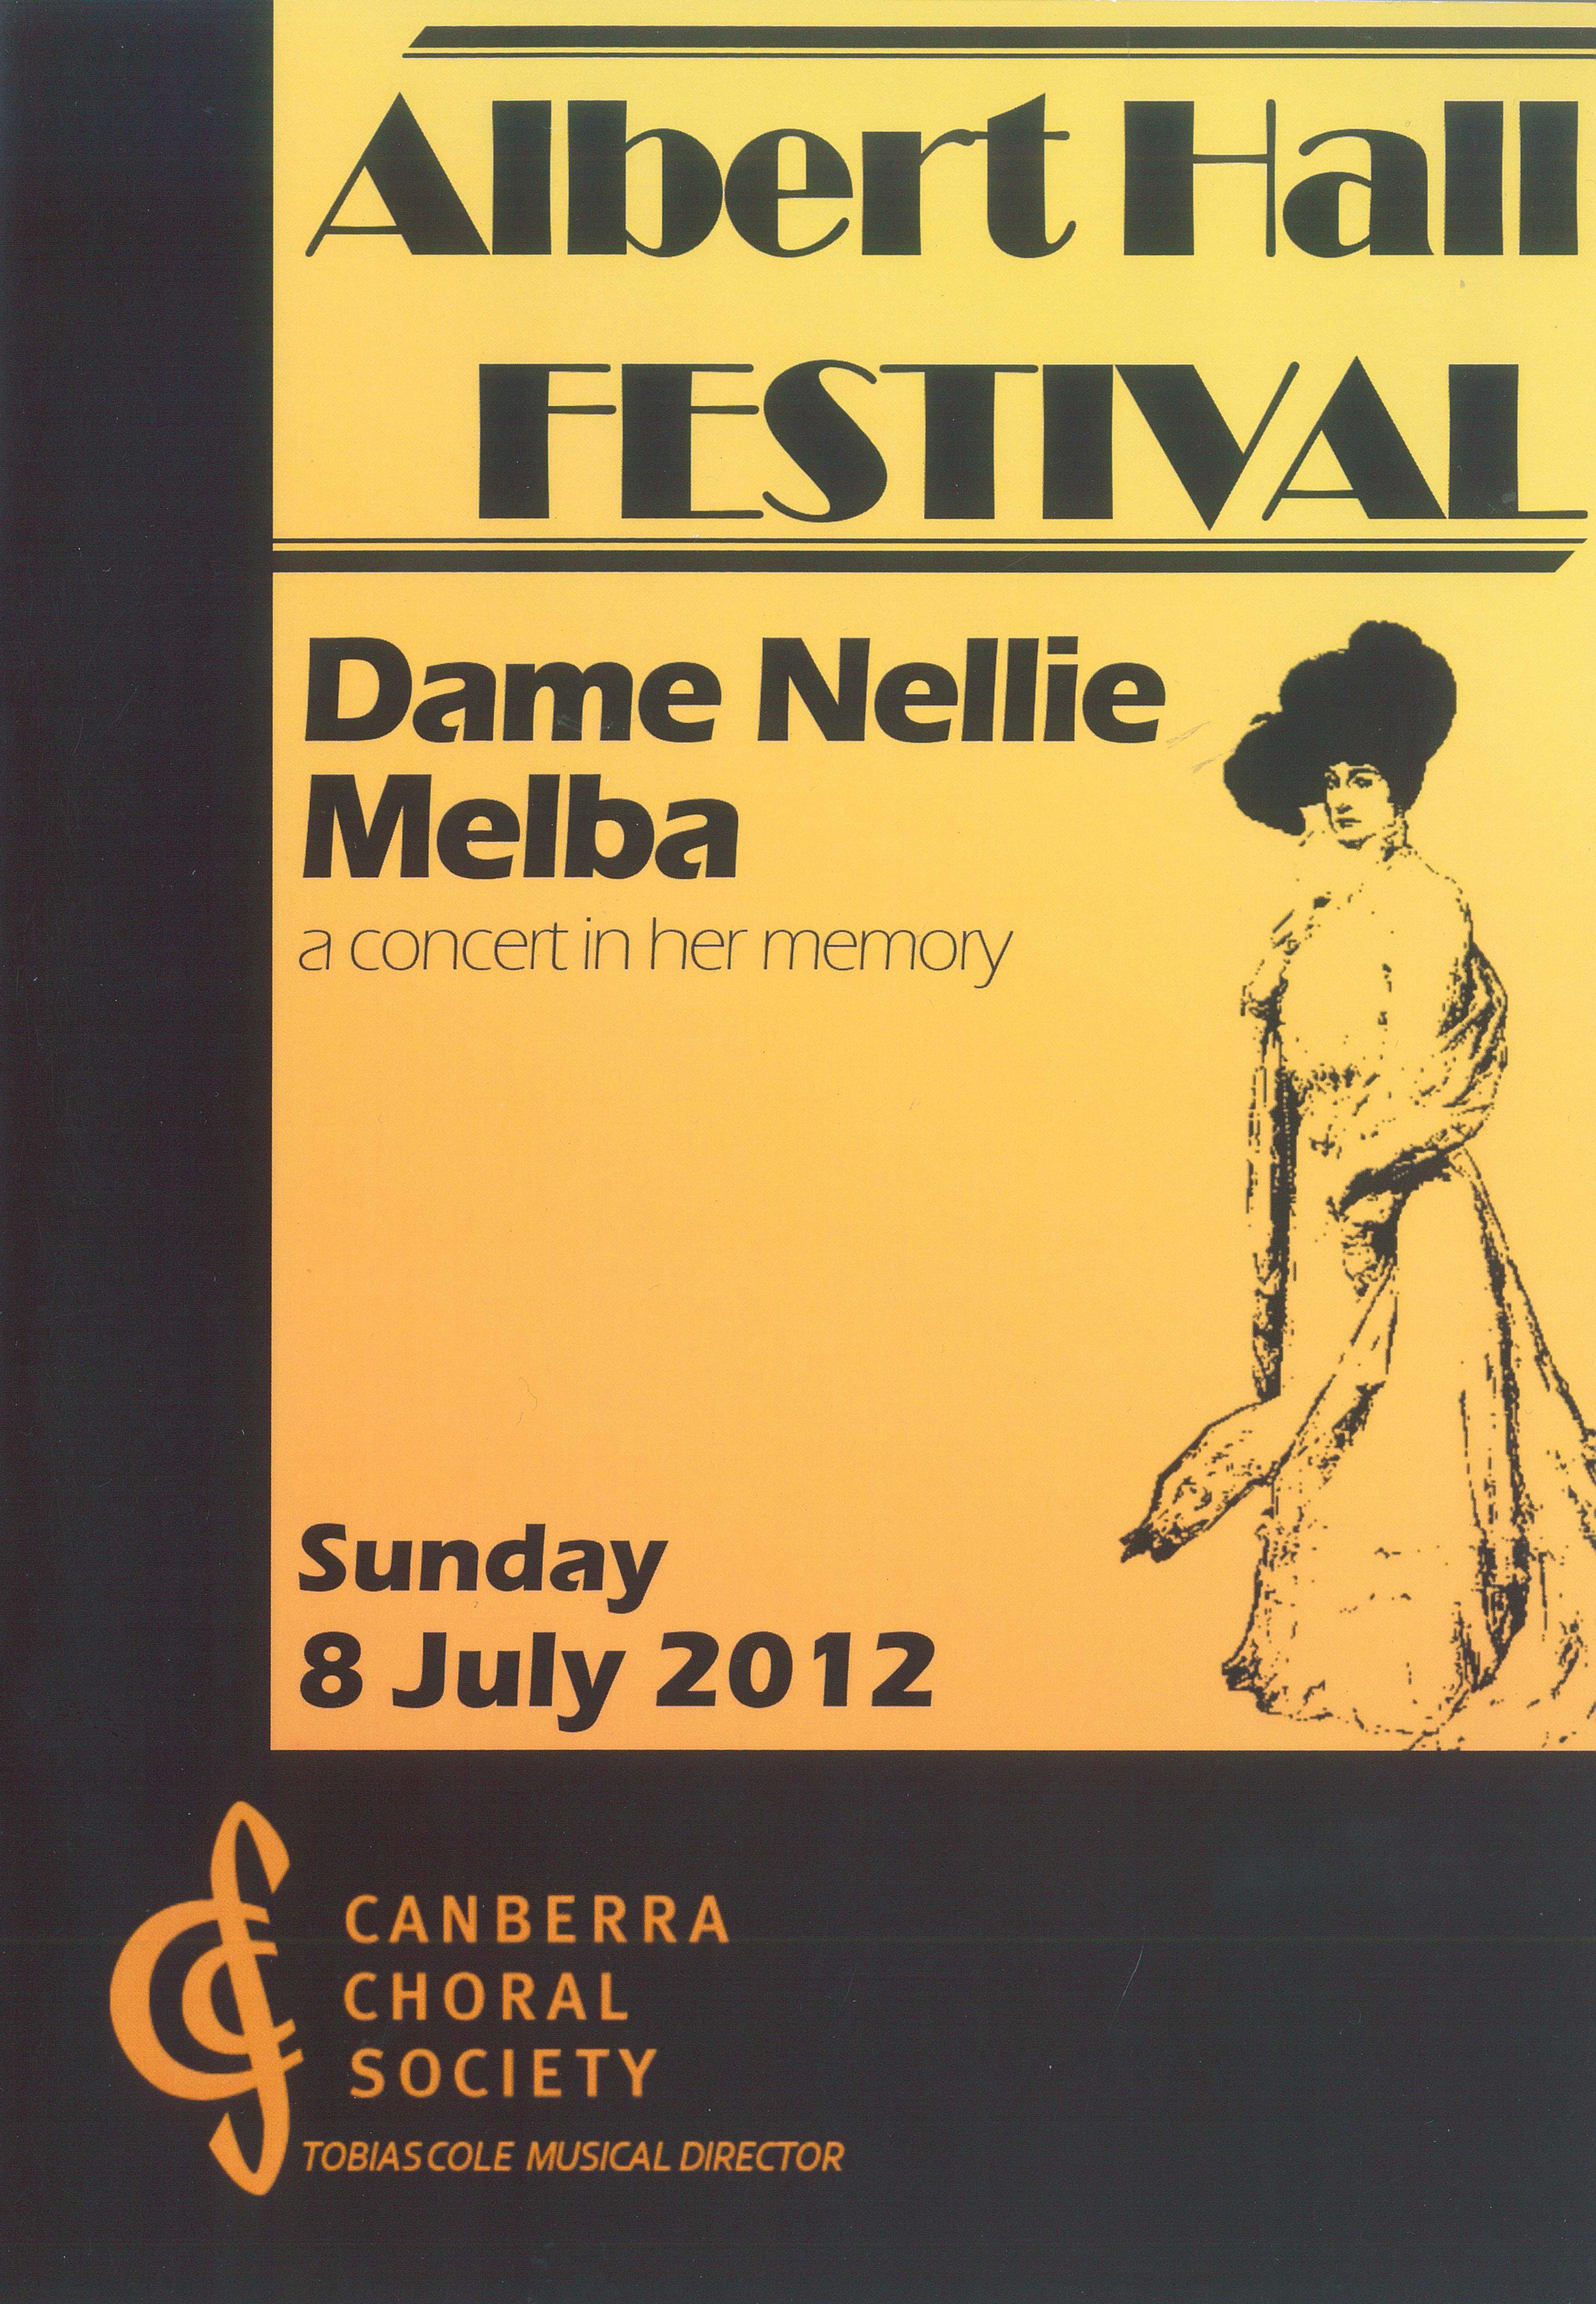 Albert Hall Festival 2012 poster